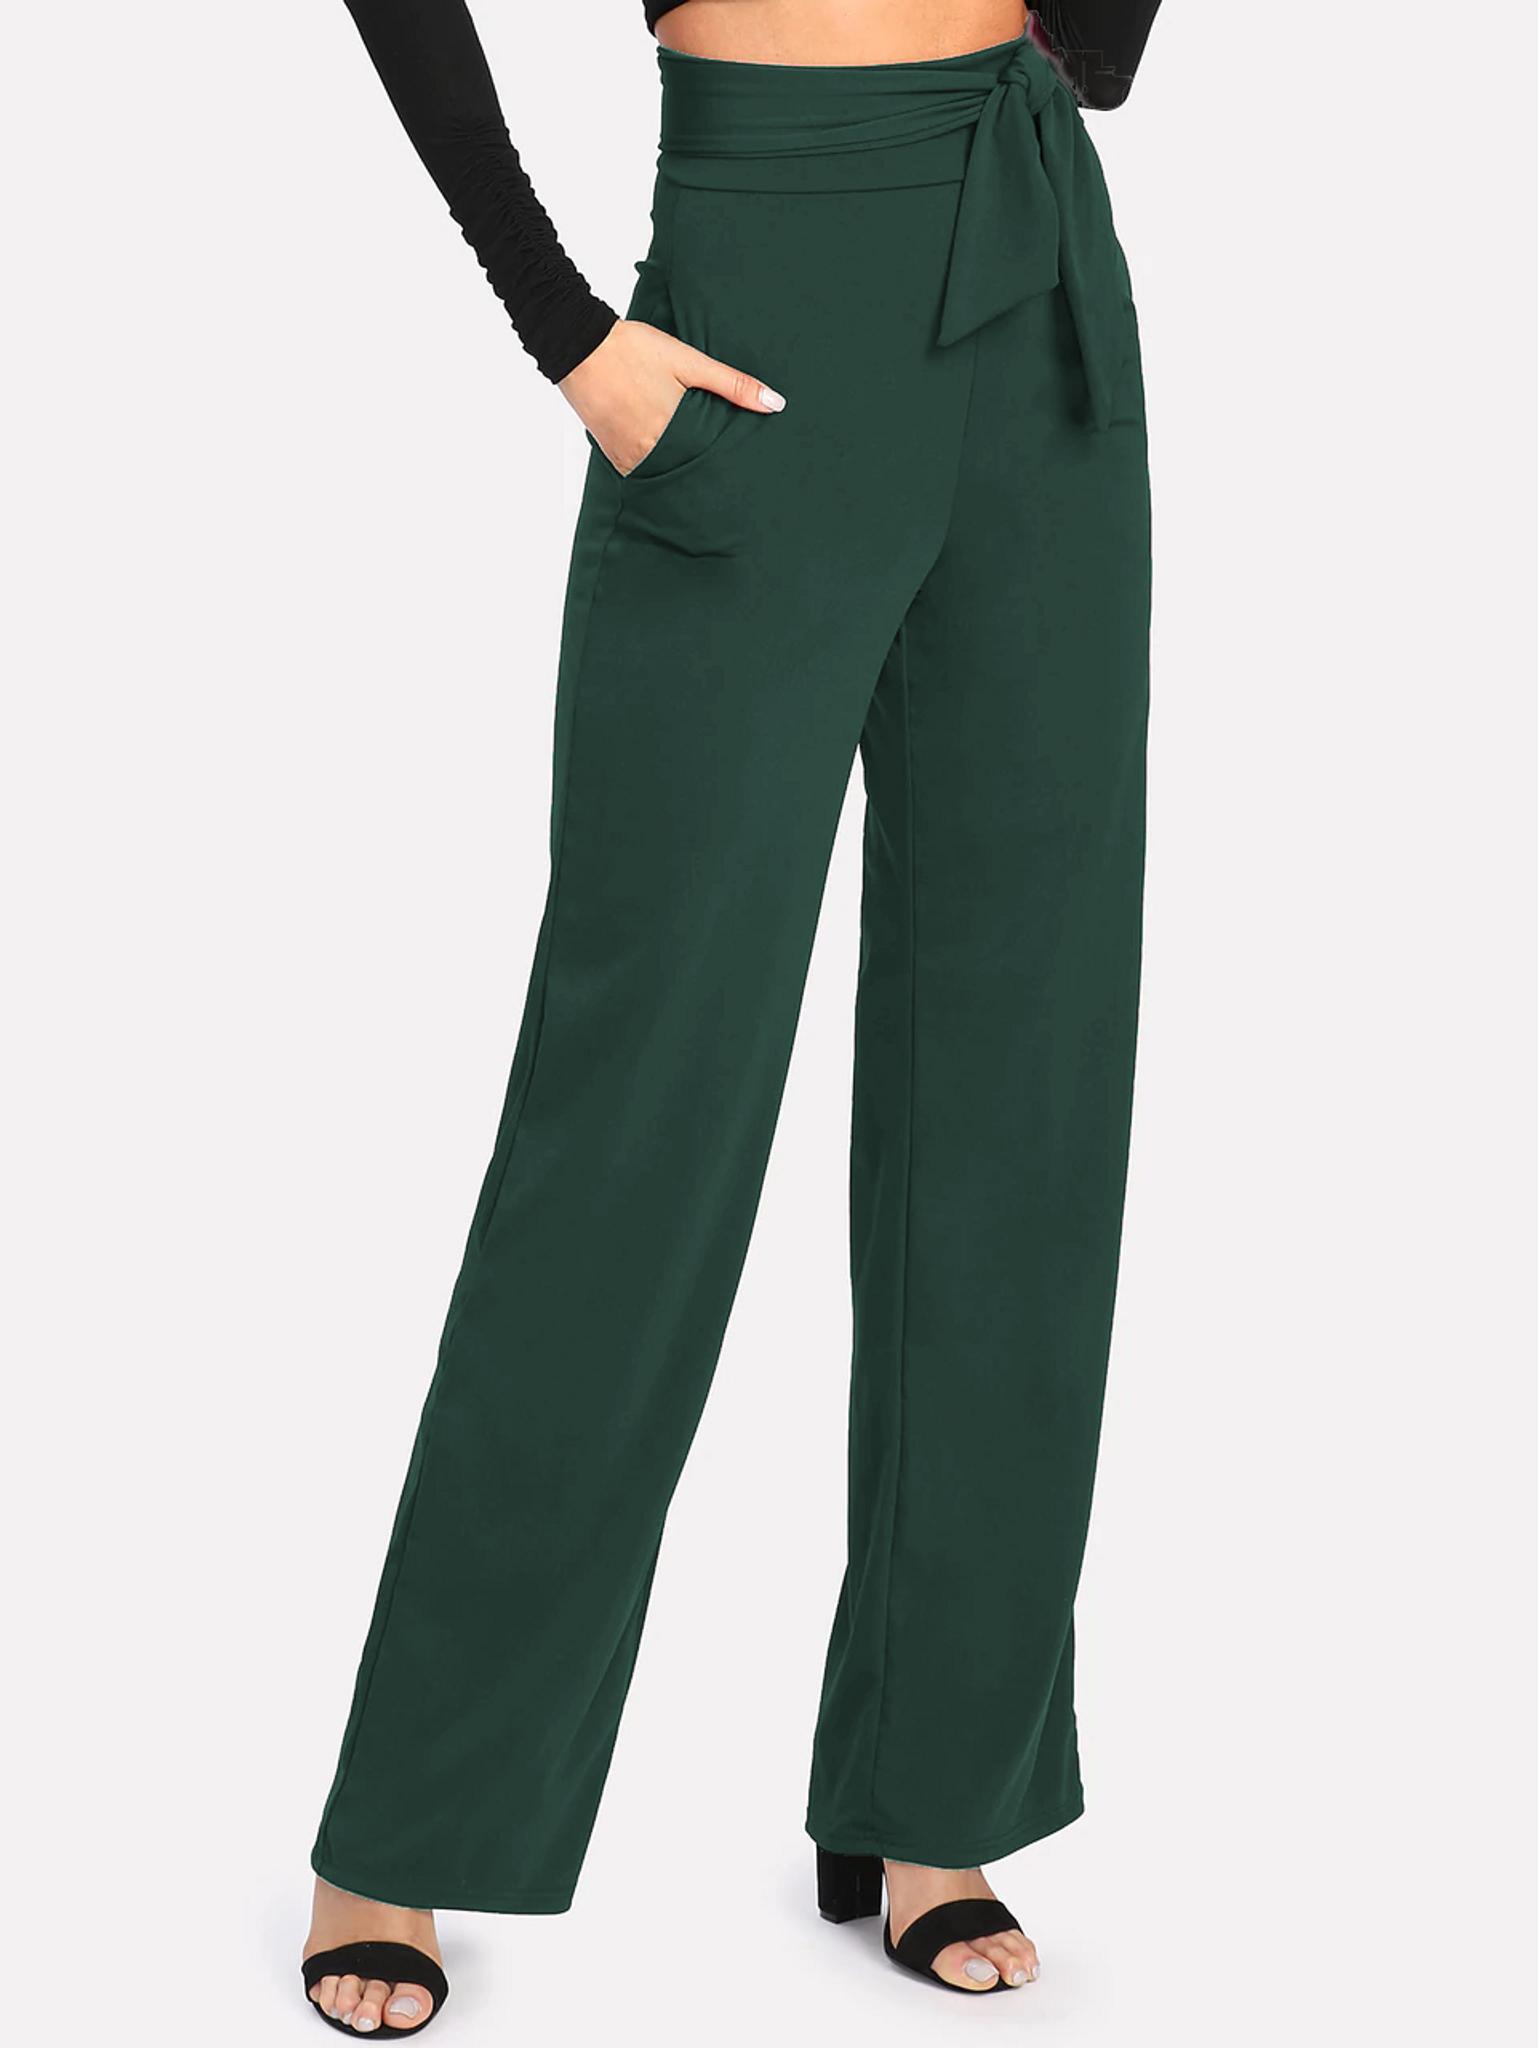 Fifth Avenue Women's NESS Tie Waist Pants - Green